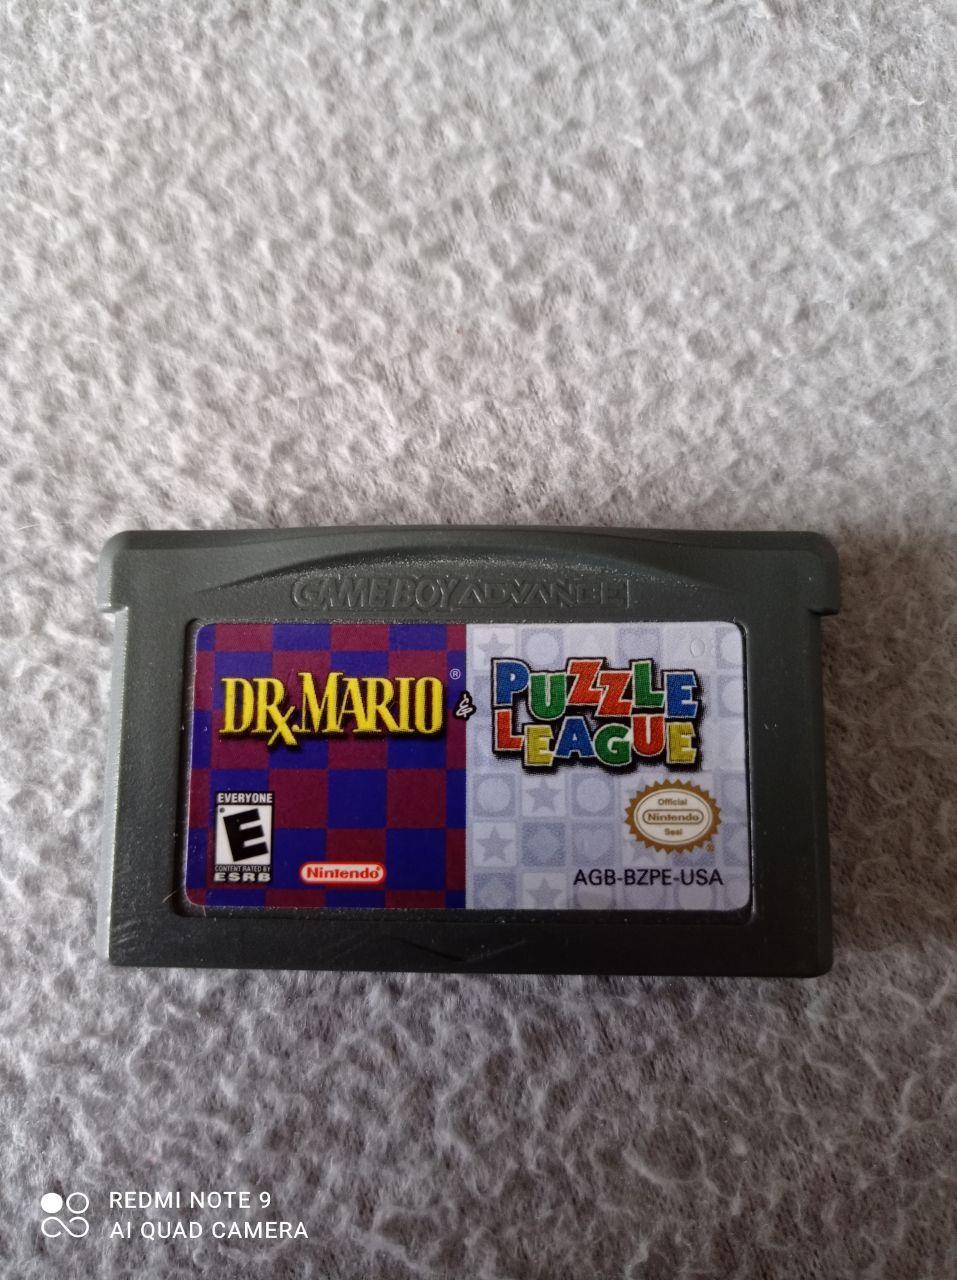 Image article Nintendo - Game boy dvance - Dr Mario & Puzzle League